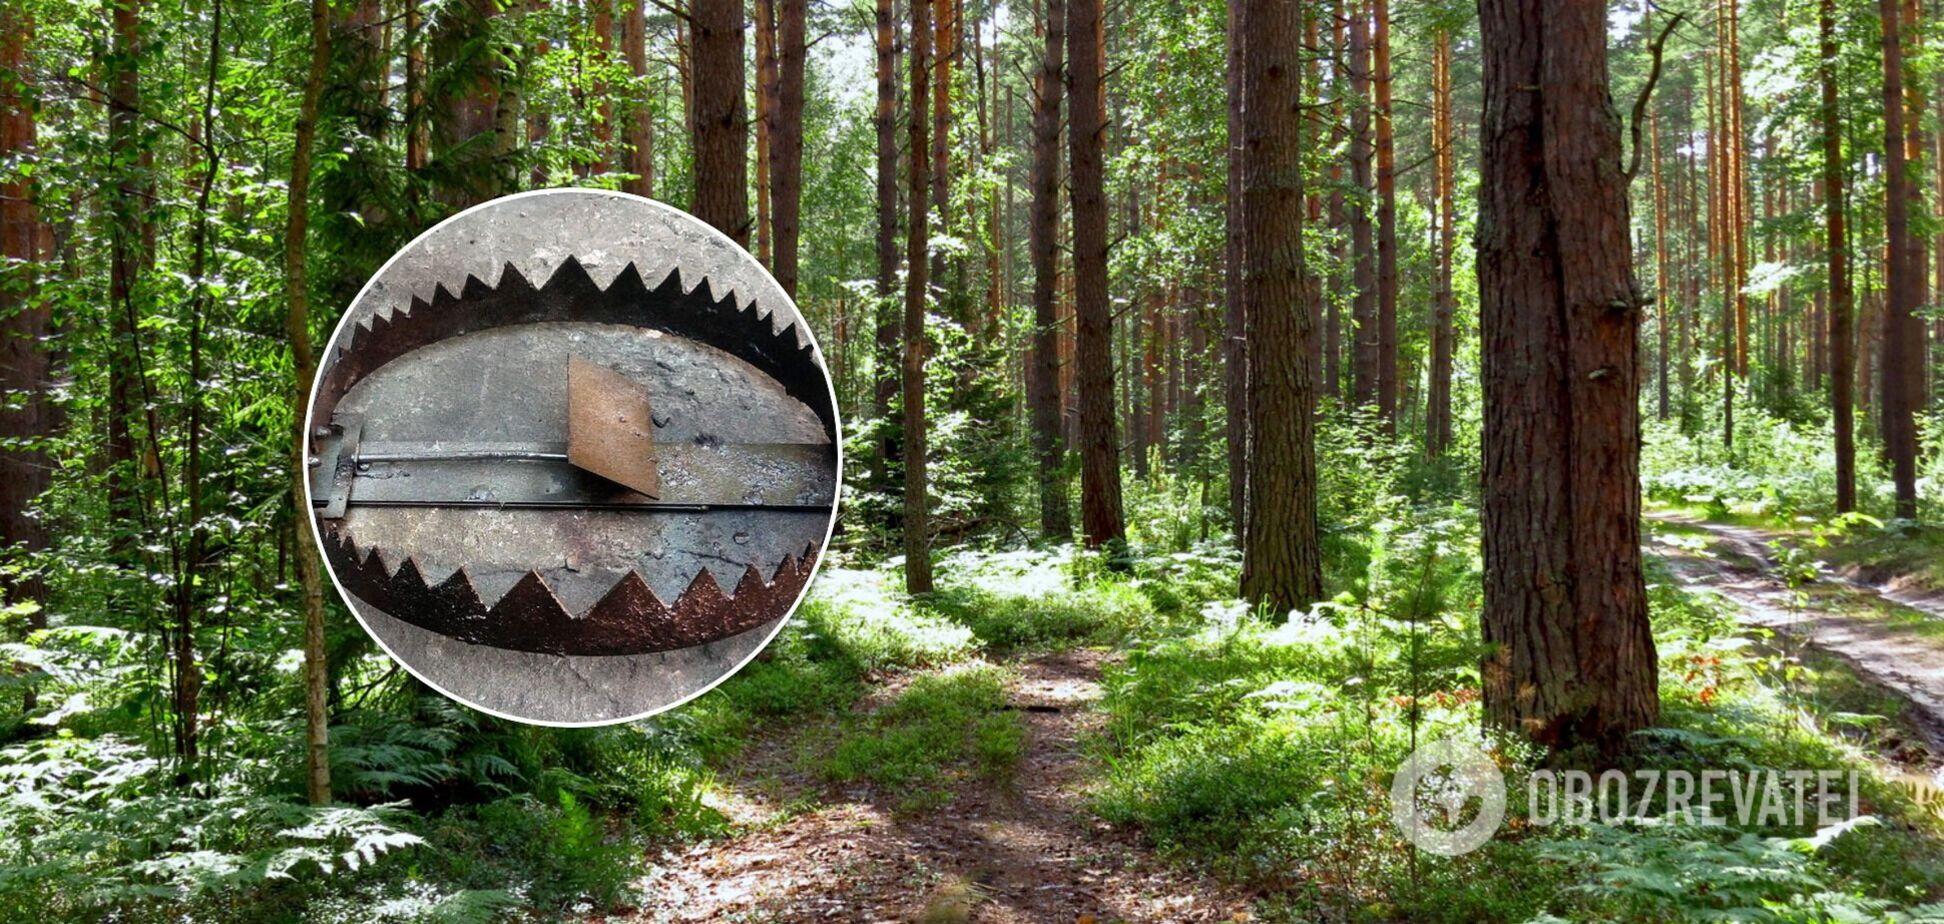 На Рівненщині в пастку потрапив загадковий звір: люди впевнені, що це 'чупакабра'. Відео